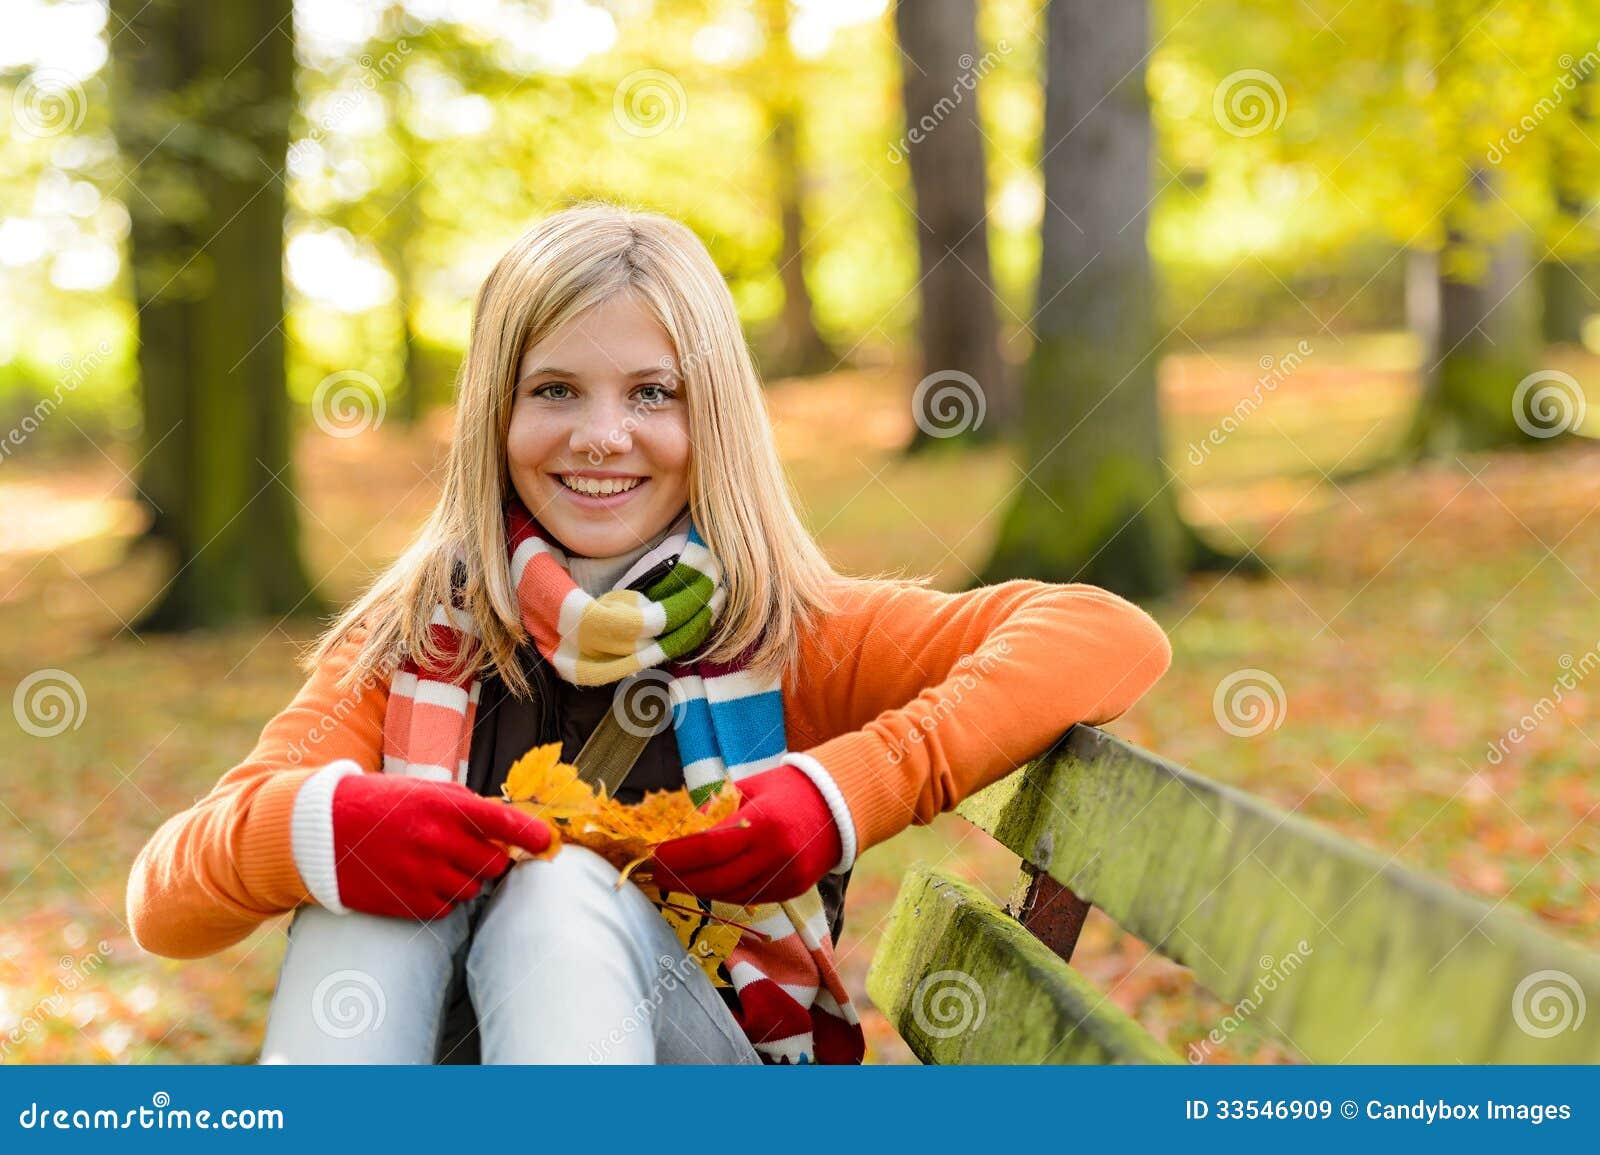 Студентка в парке 18 фотография